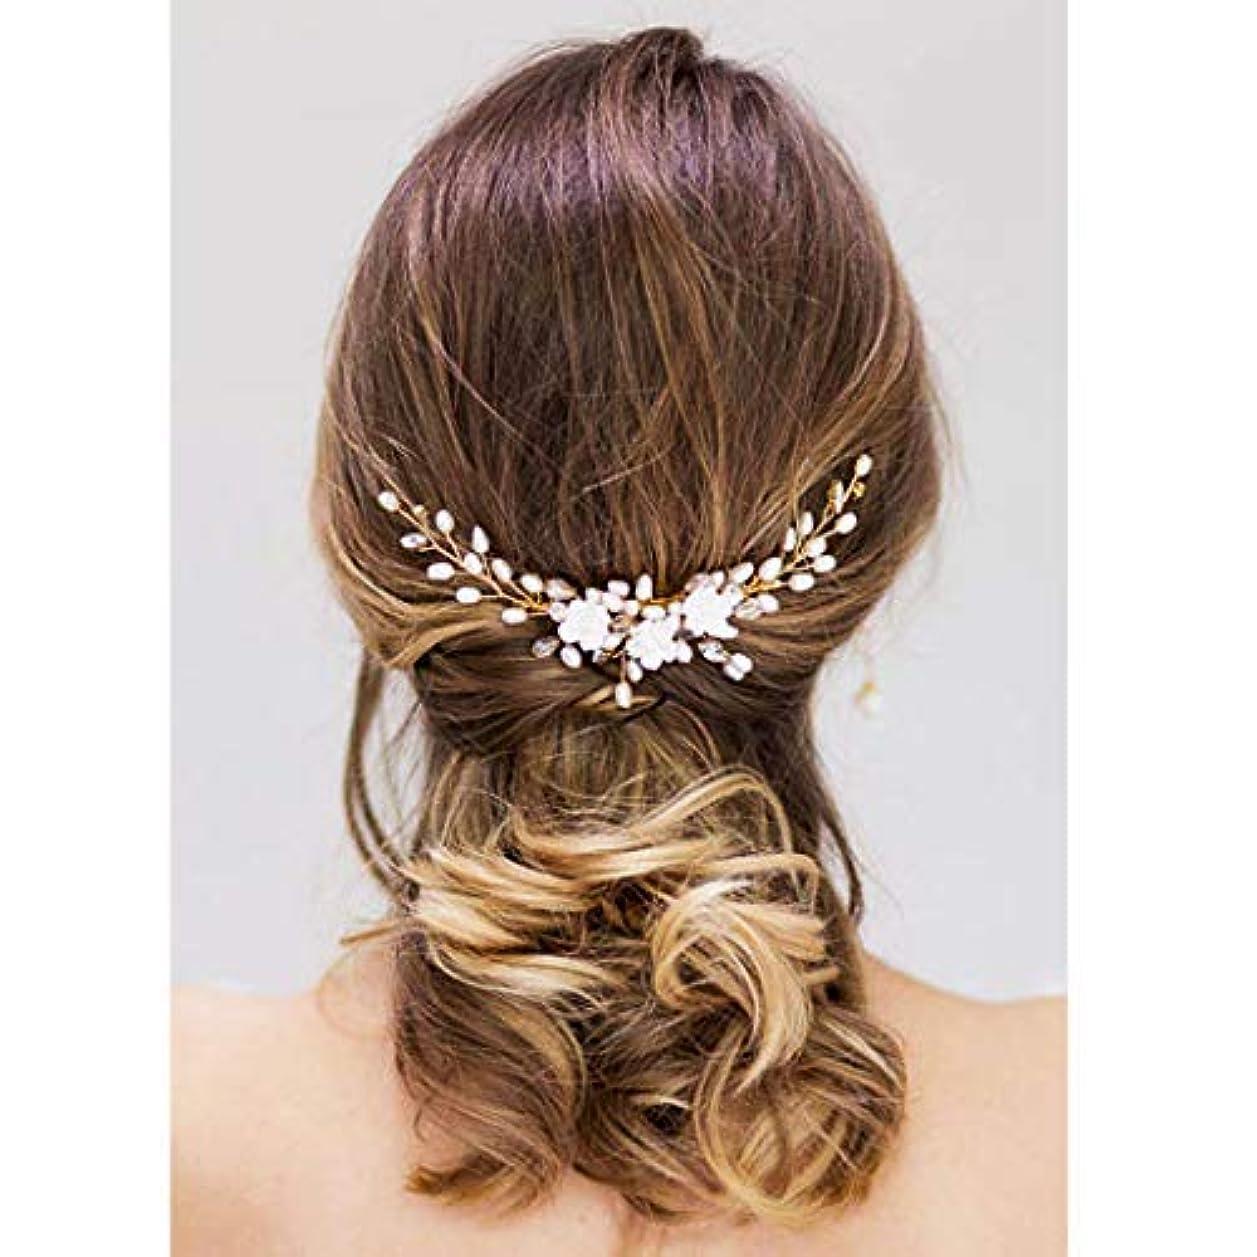 スポット魅惑する比類のないDrecode Bride Wedding Hair Comb Flower Headpiece Pearl Rhinestone Hair Accessories for Women and Girls [並行輸入品]